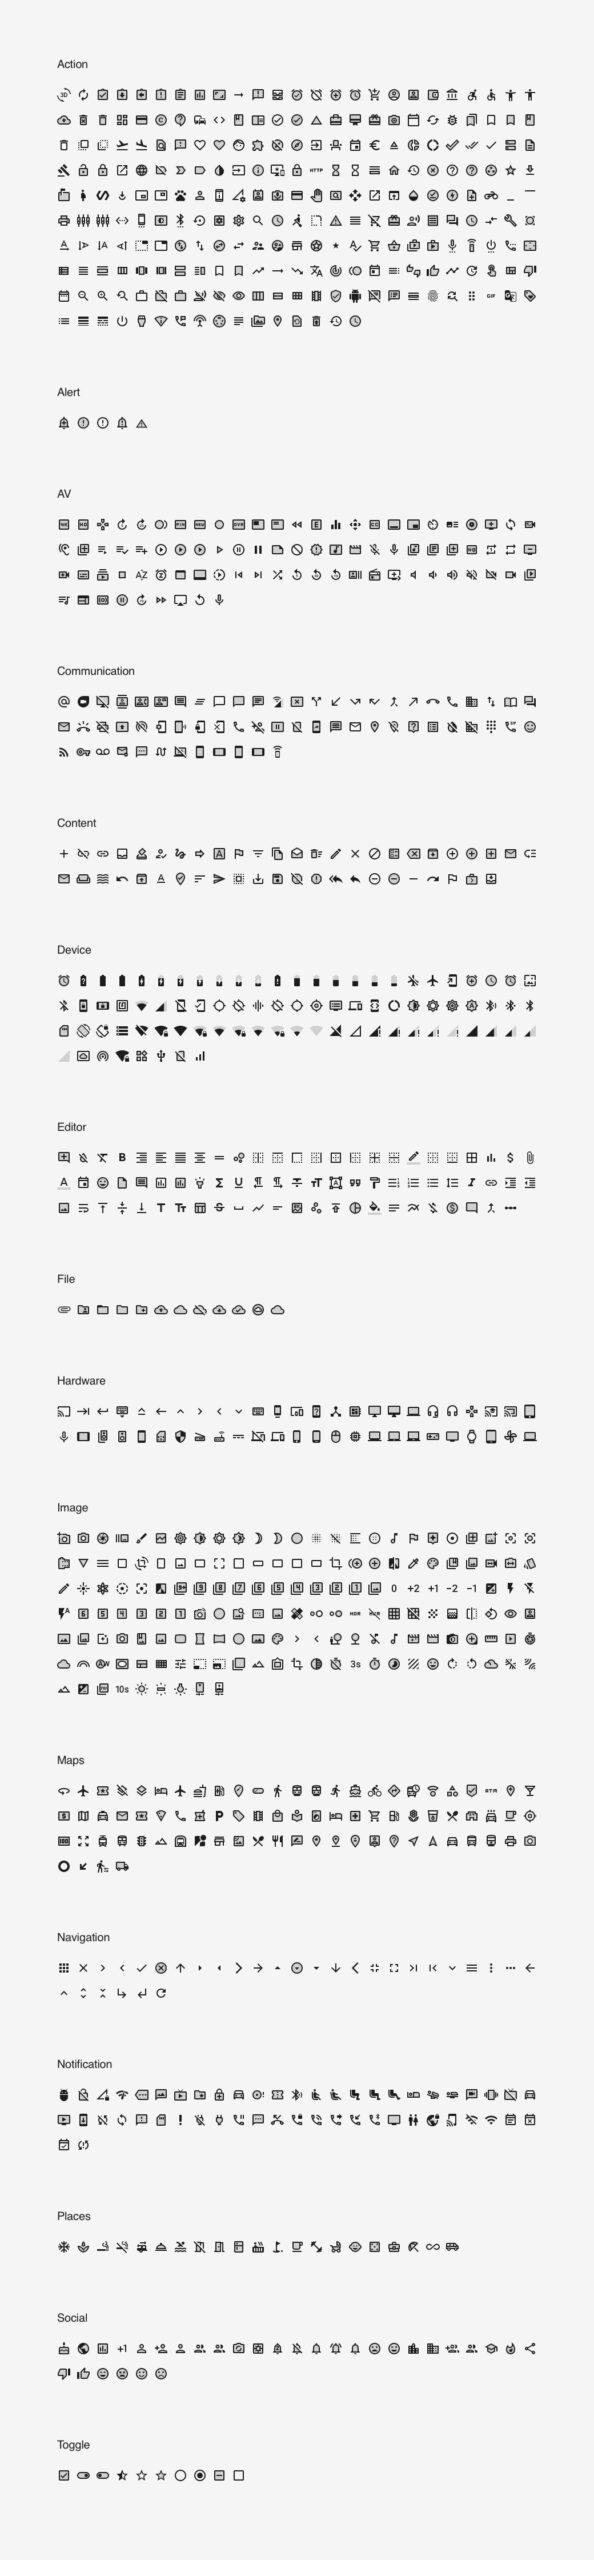 图形工具图标库插图2